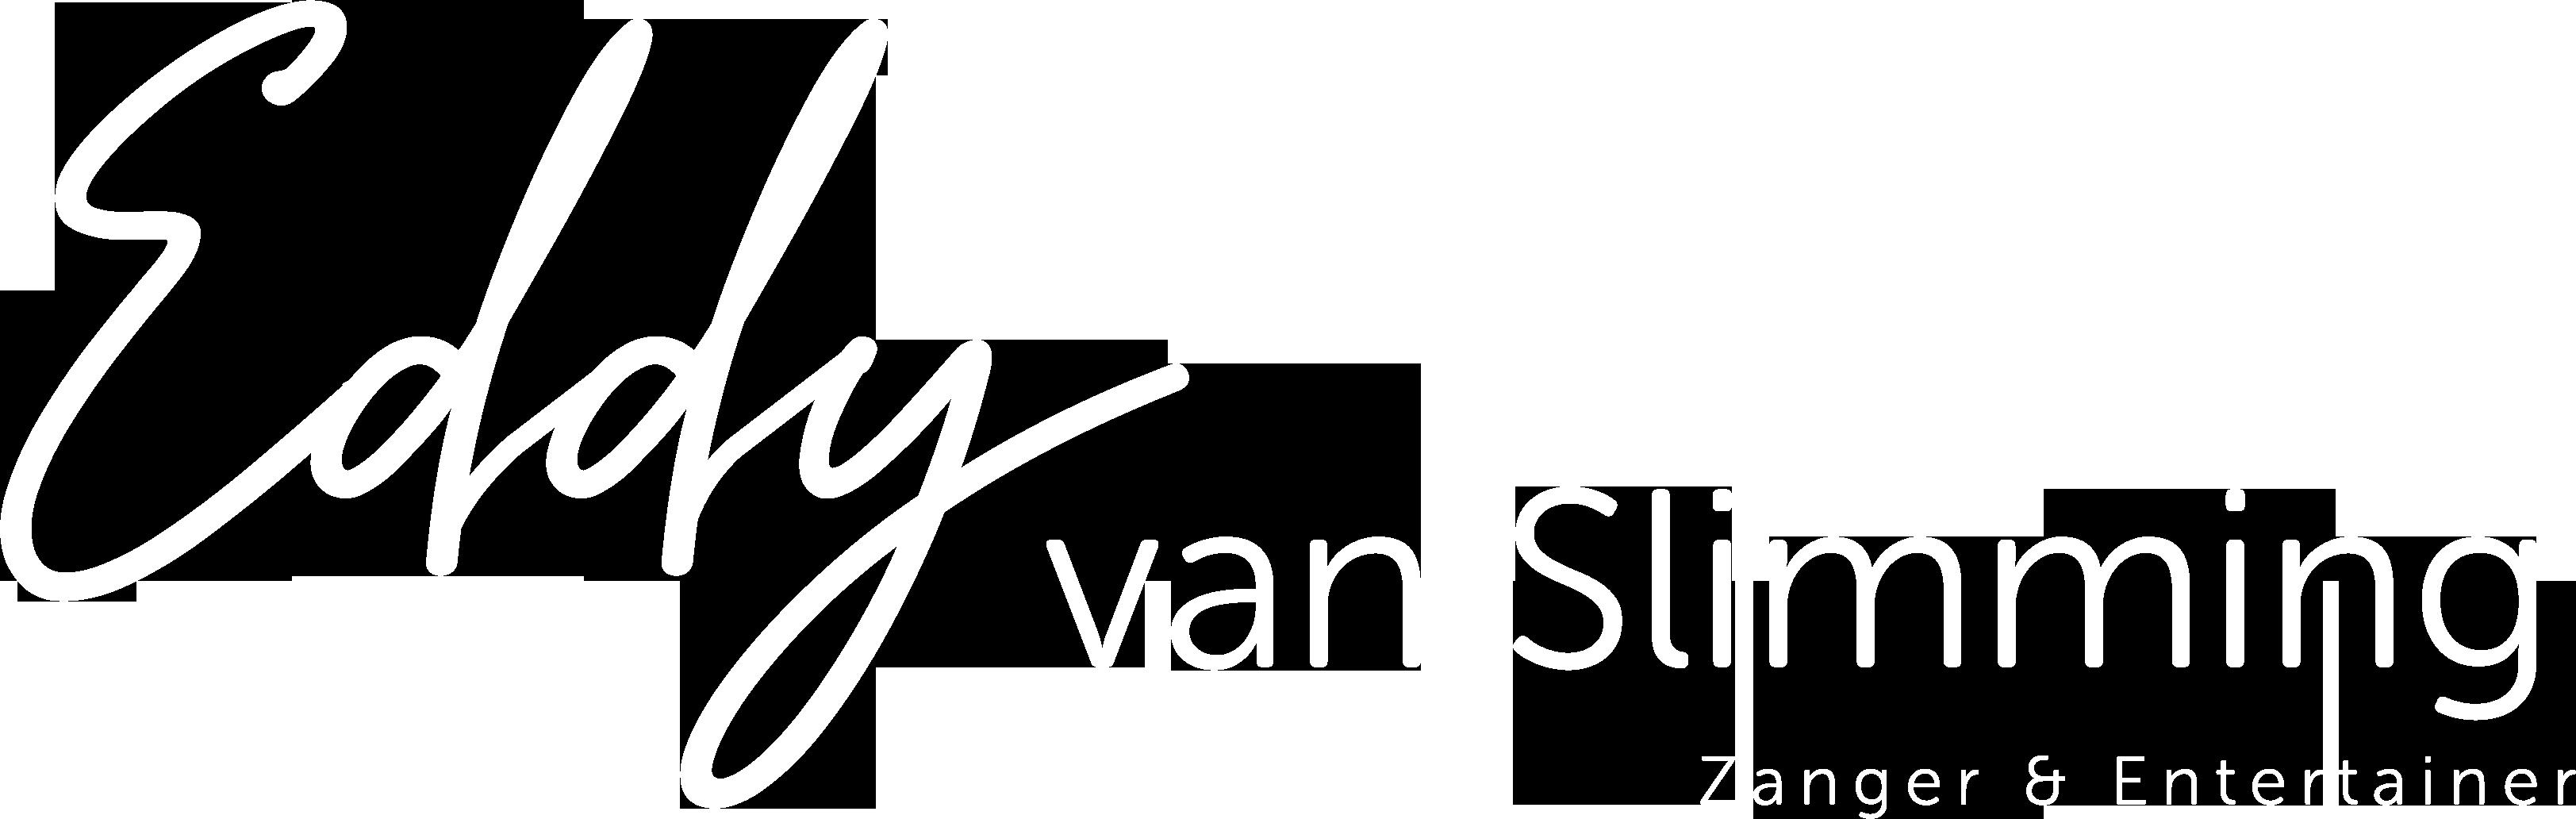 eddyvanslimming-logo wit